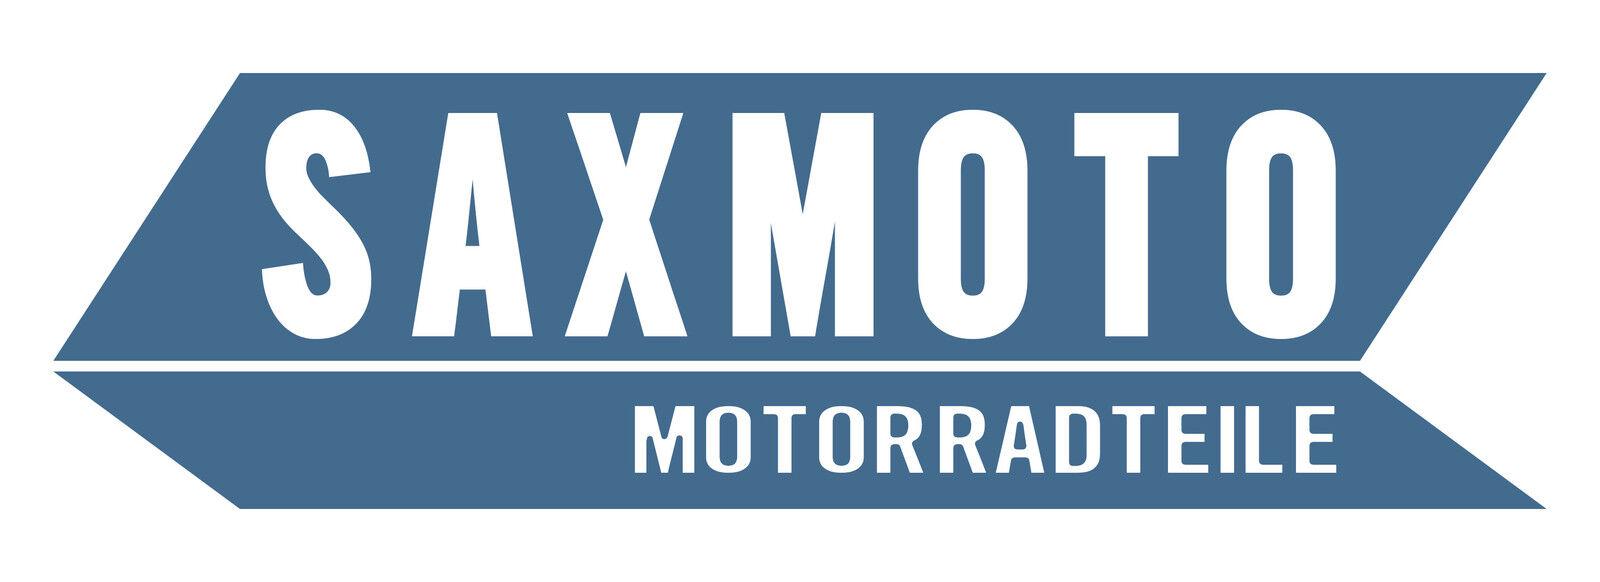 sax-moto